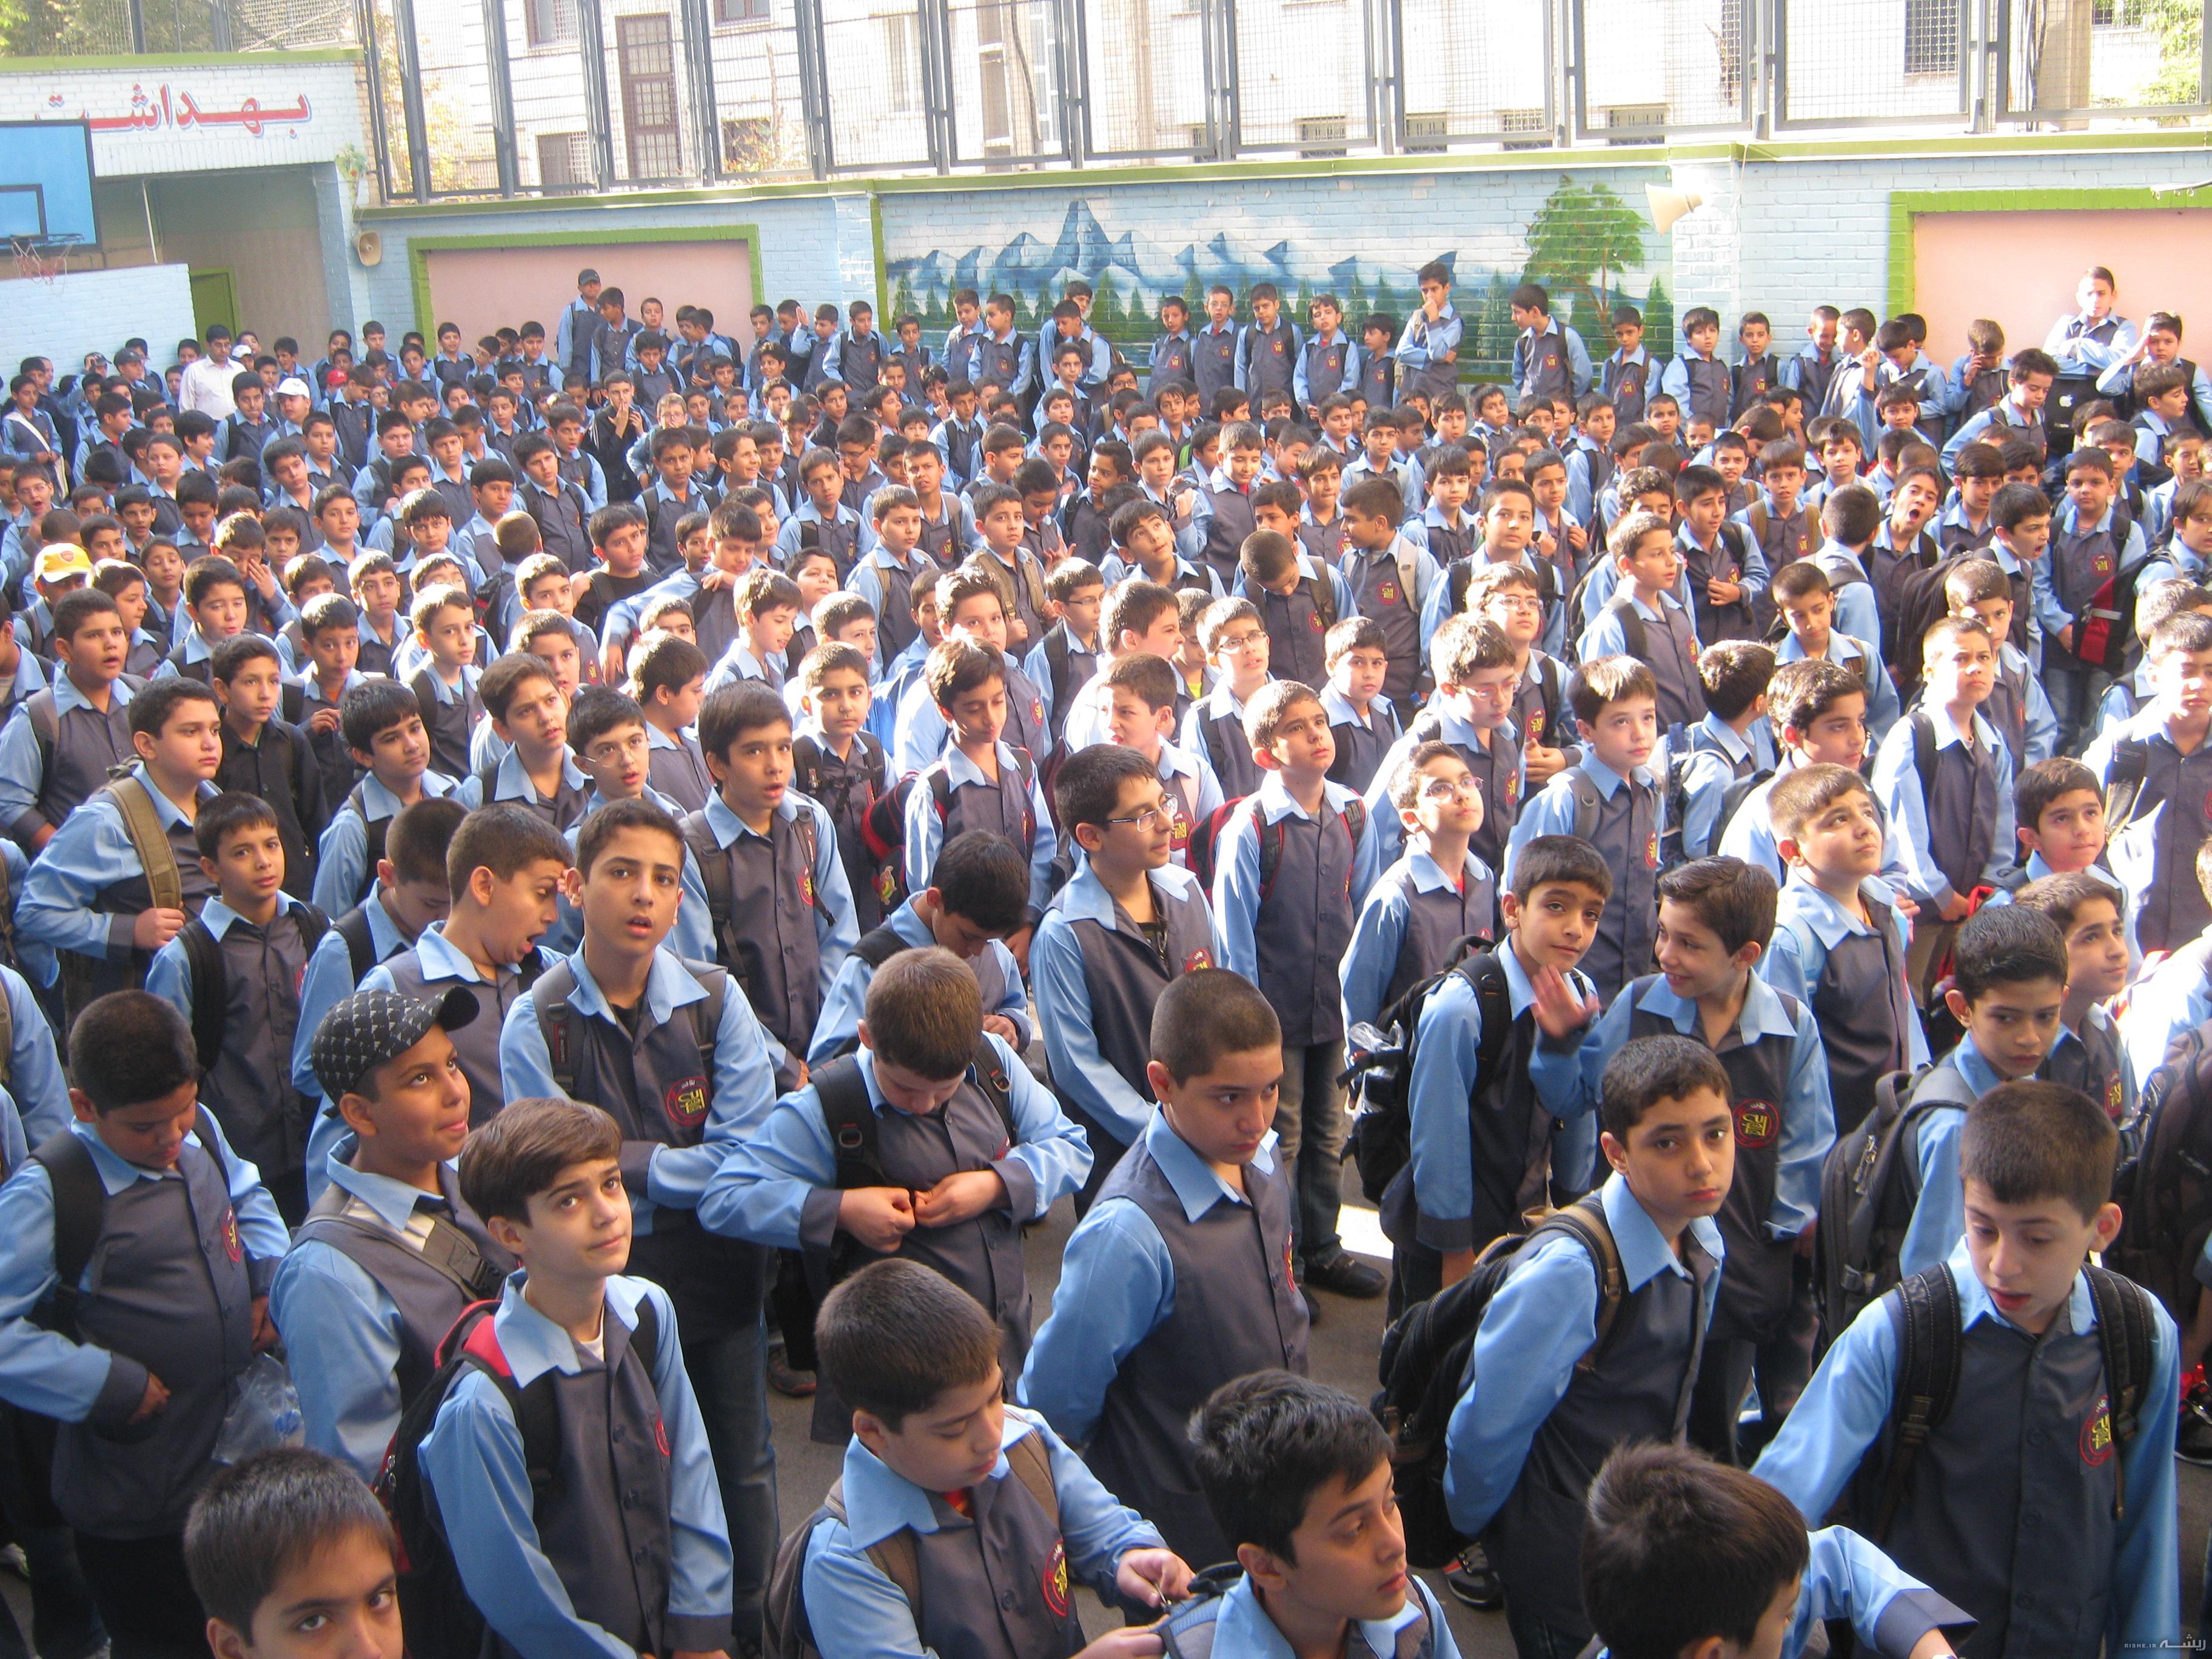 اجرای طرح «مشق عشق» به منظور تهیه لوازم التحریر دانش آموزان/۱۲ هزار دانش آموز تحت پوشش بهزیستی استان تهران هستند